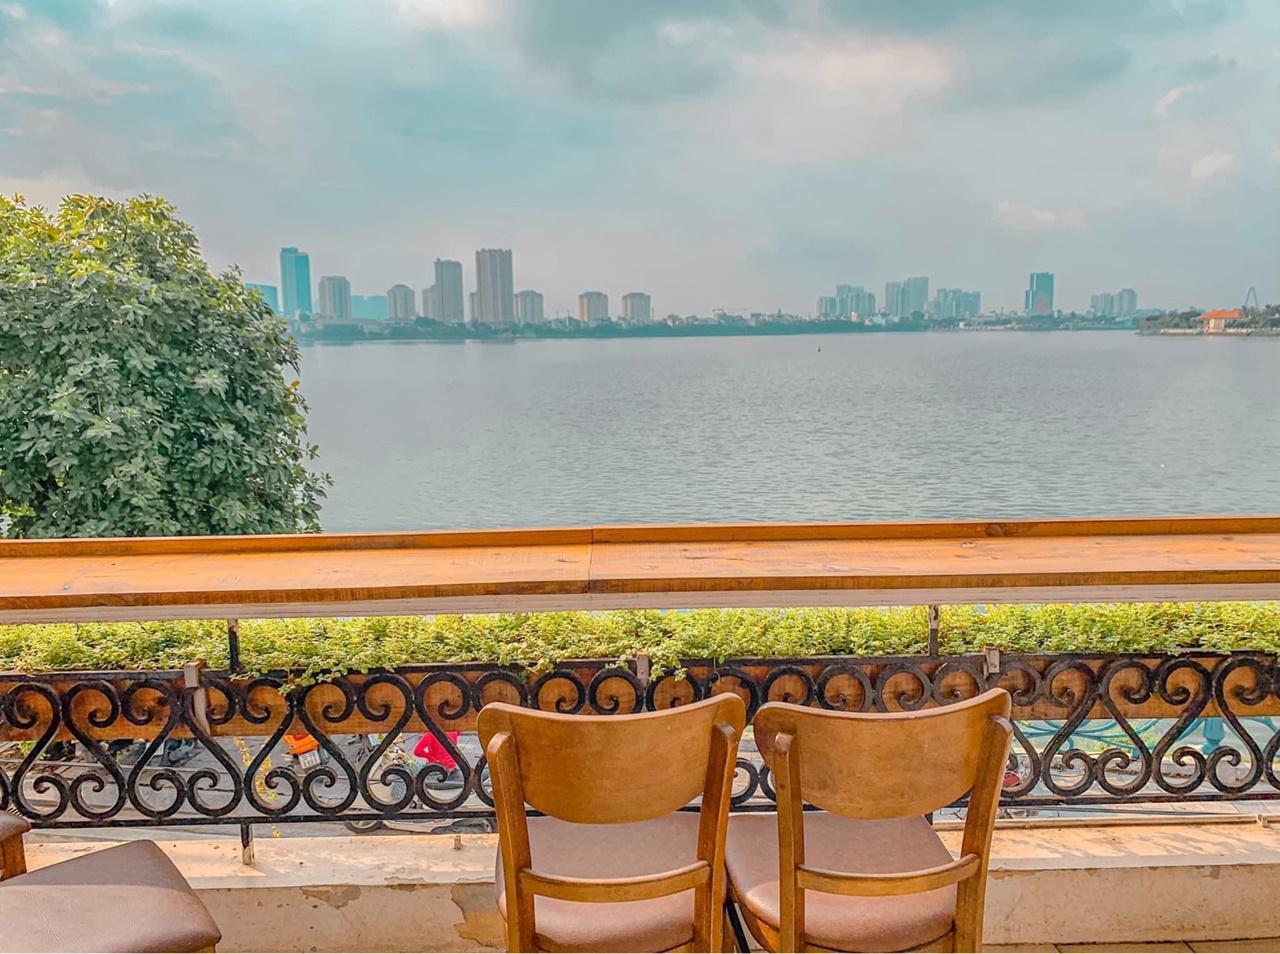 """5 quán cafe view ngay bờ hồ Tây siêu đẹp dành cho chị em đi chơi """"sống ảo"""" cuối tuần - Ảnh 8."""